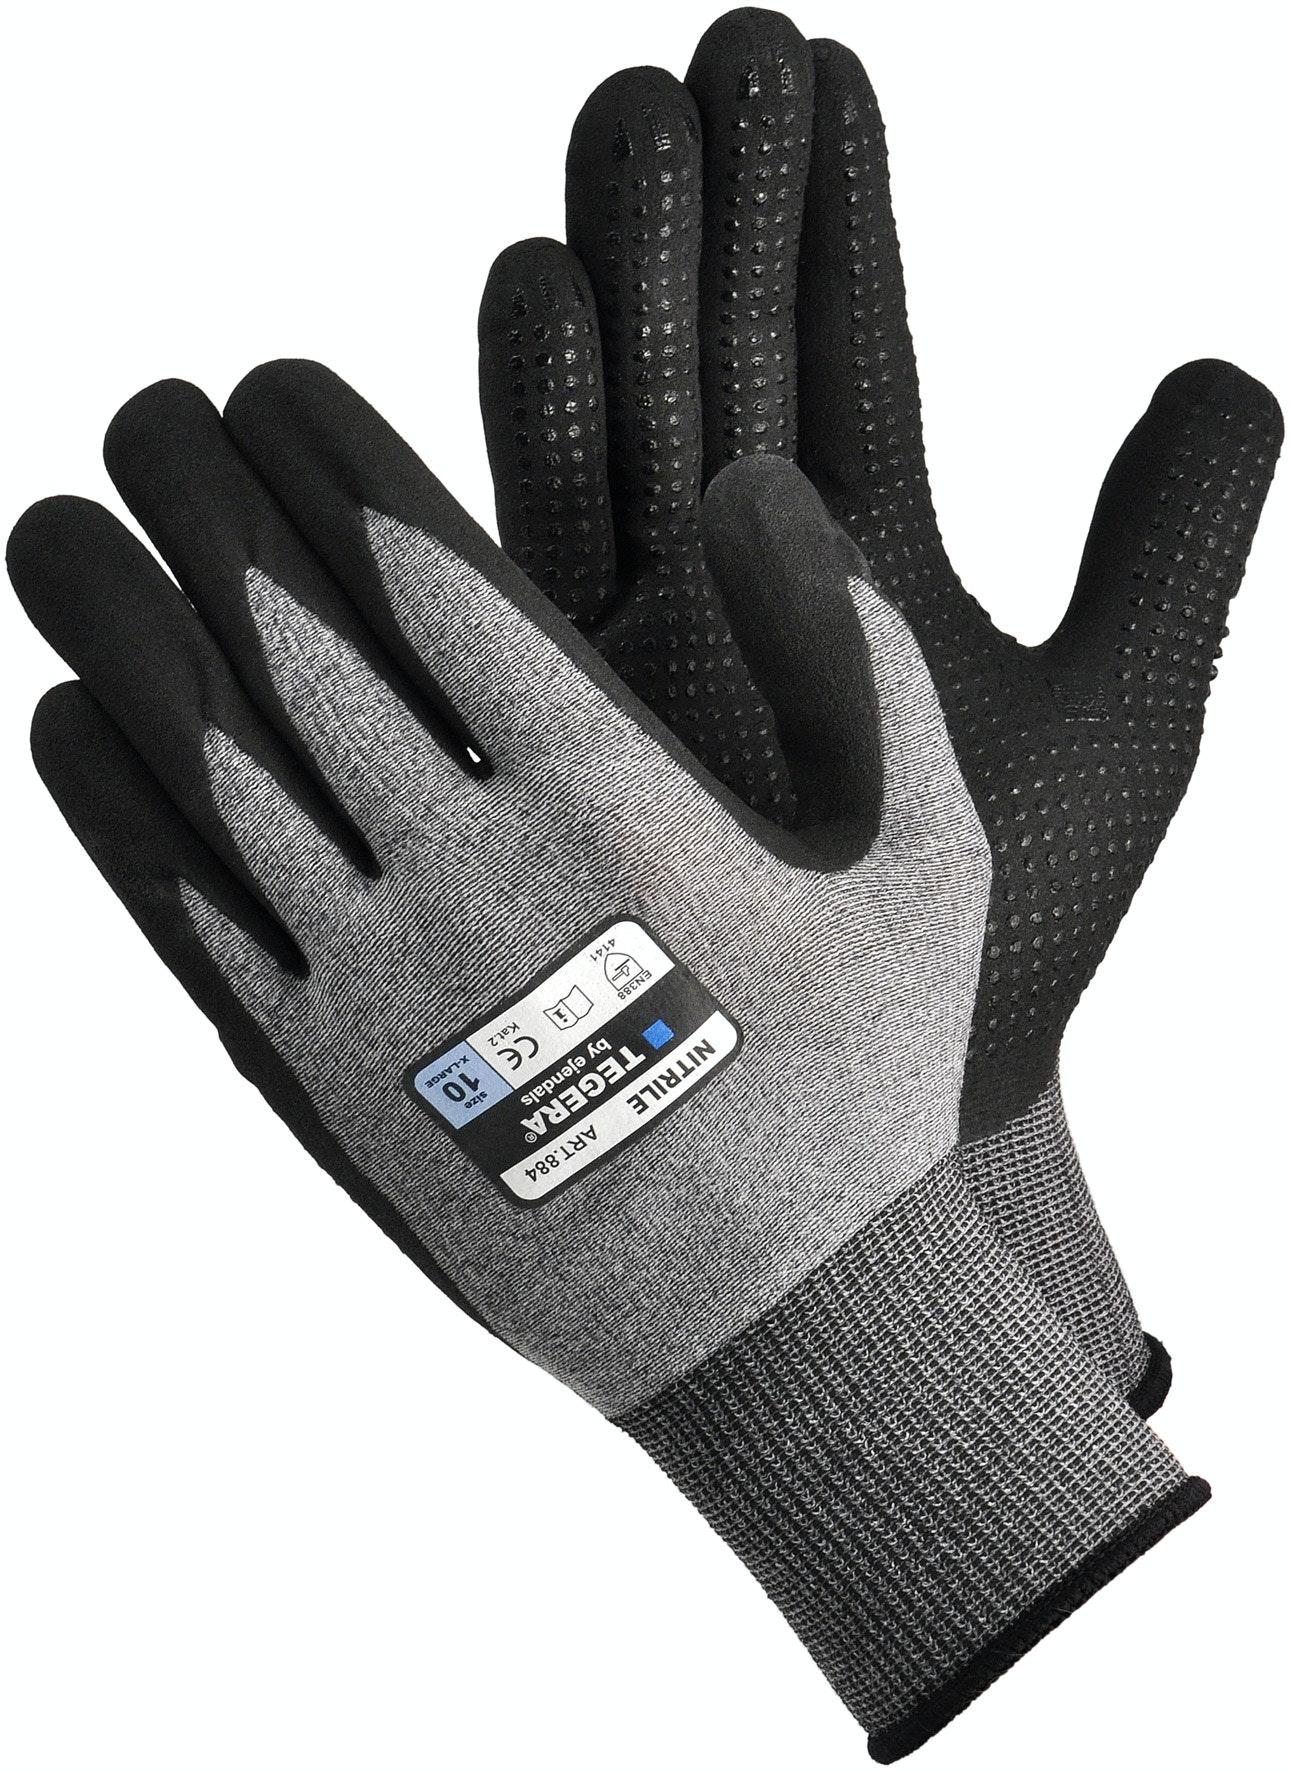 Handskar Tegera 884 Nylon/Spandex Stl 11